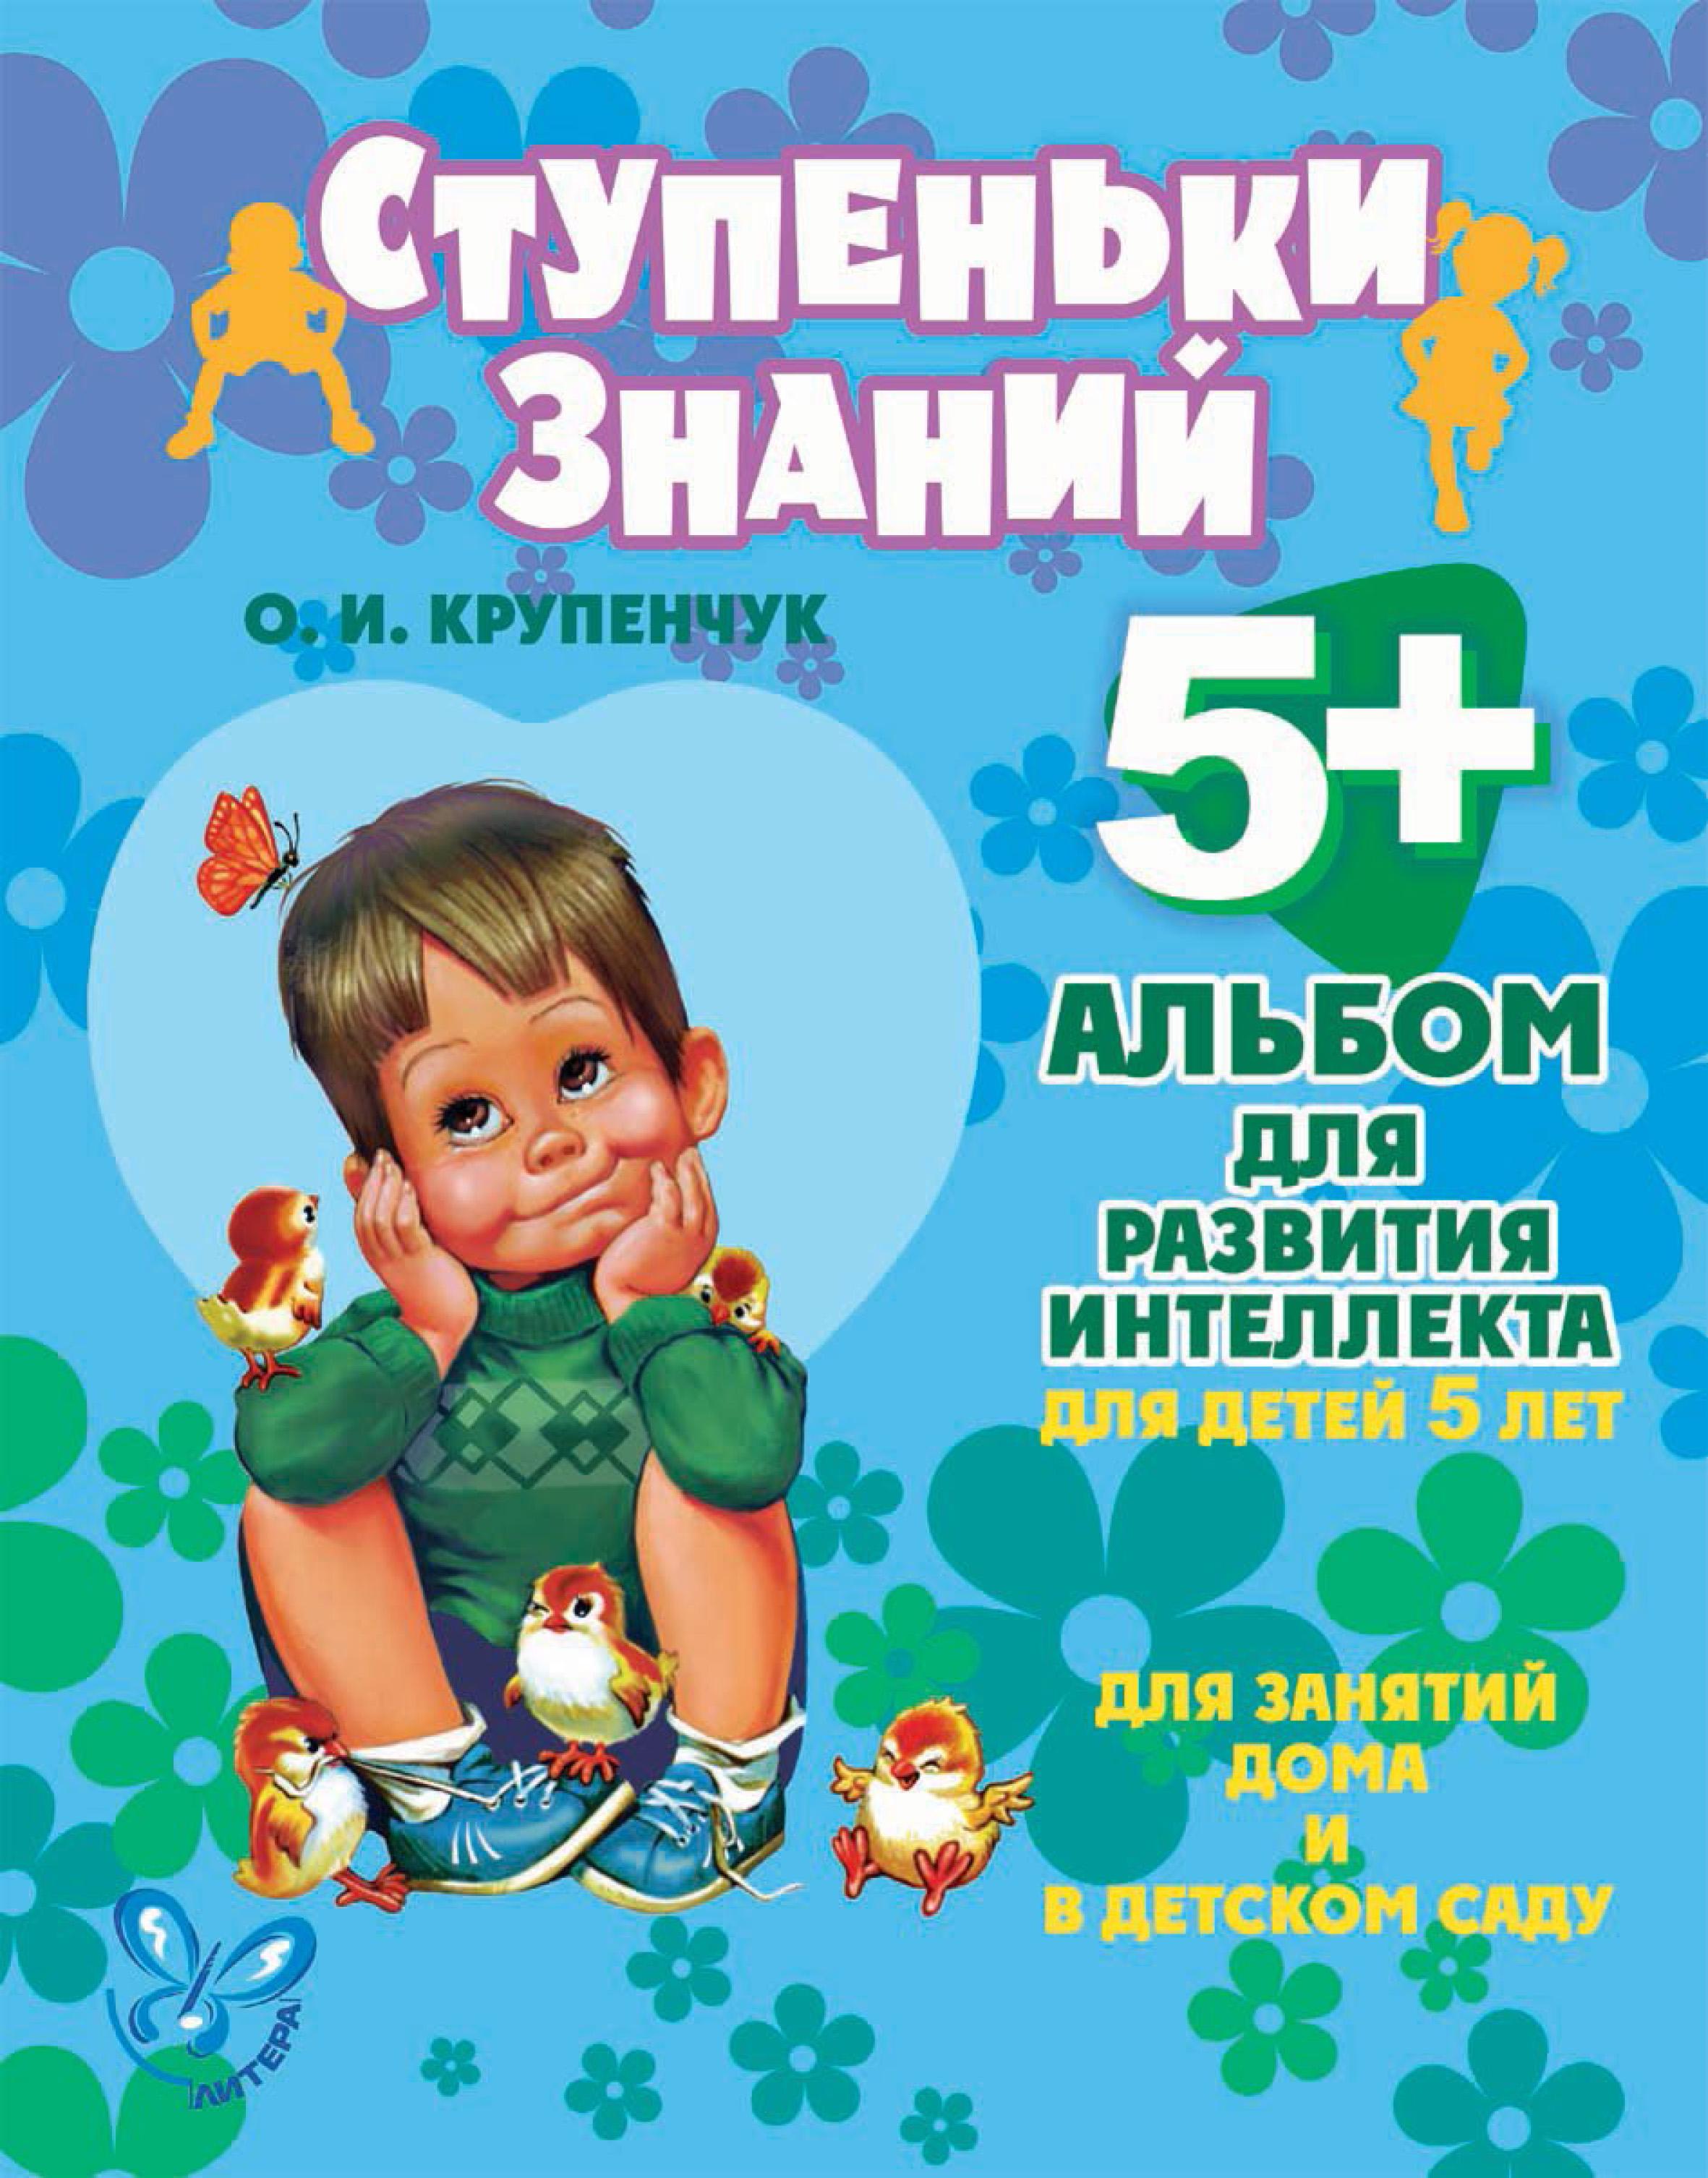 О. И. Крупенчук Альбом для развития интеллекта для детей 5 лет о и крупенчук альбом для развития интеллекта для детей 3 лет